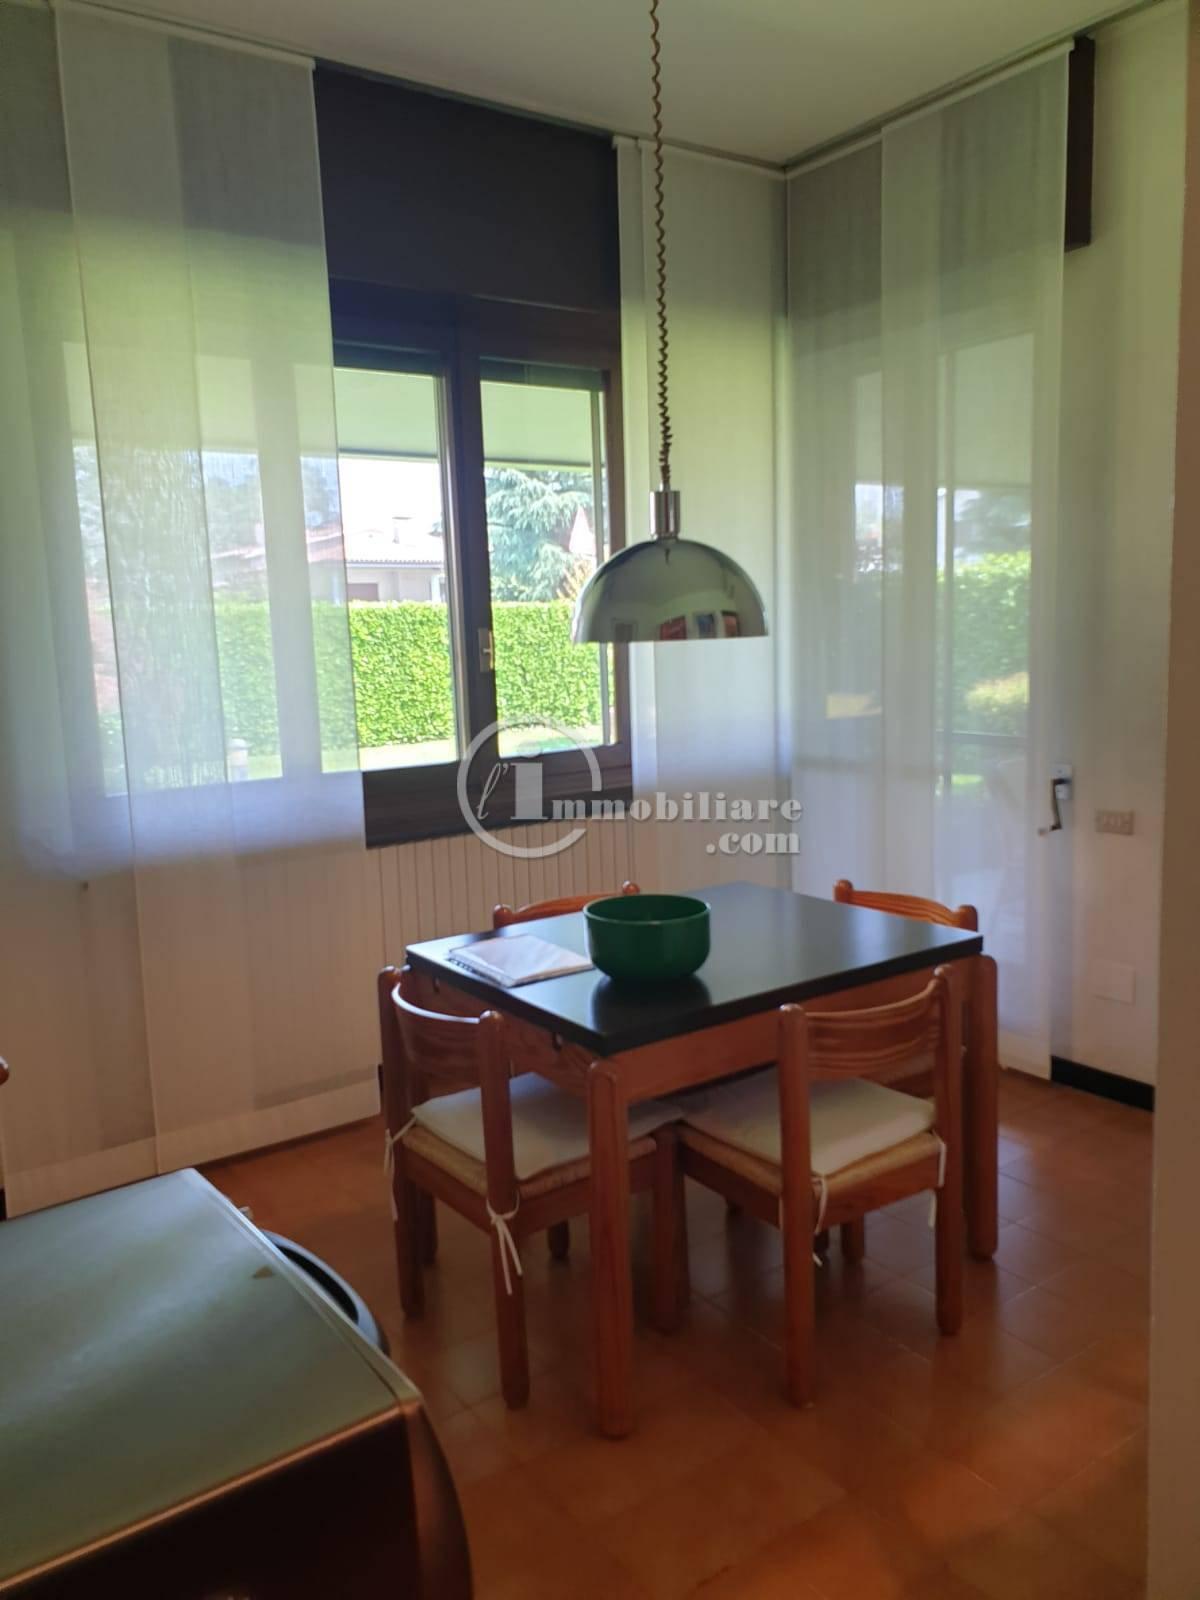 Villa in Vendita a Trezzano Sul Naviglio: 5 locali, 280 mq - Foto 9